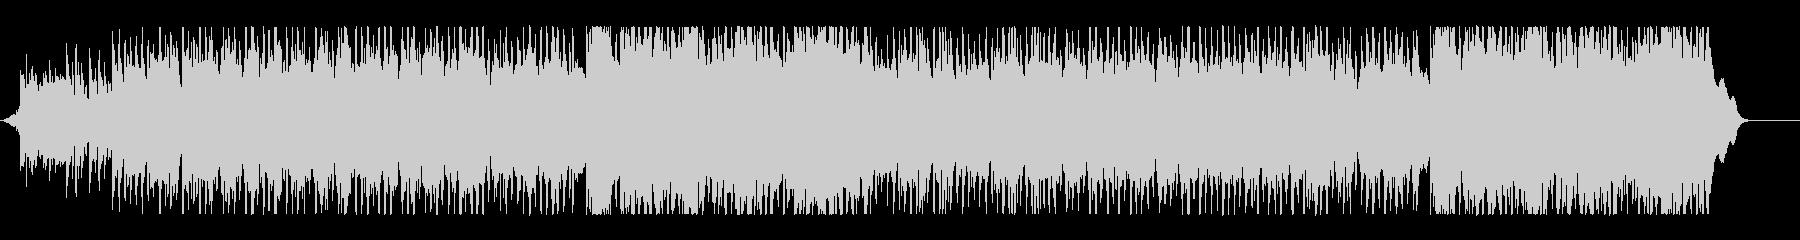 生演奏アコギ 多幸感のある明るいBGMの未再生の波形